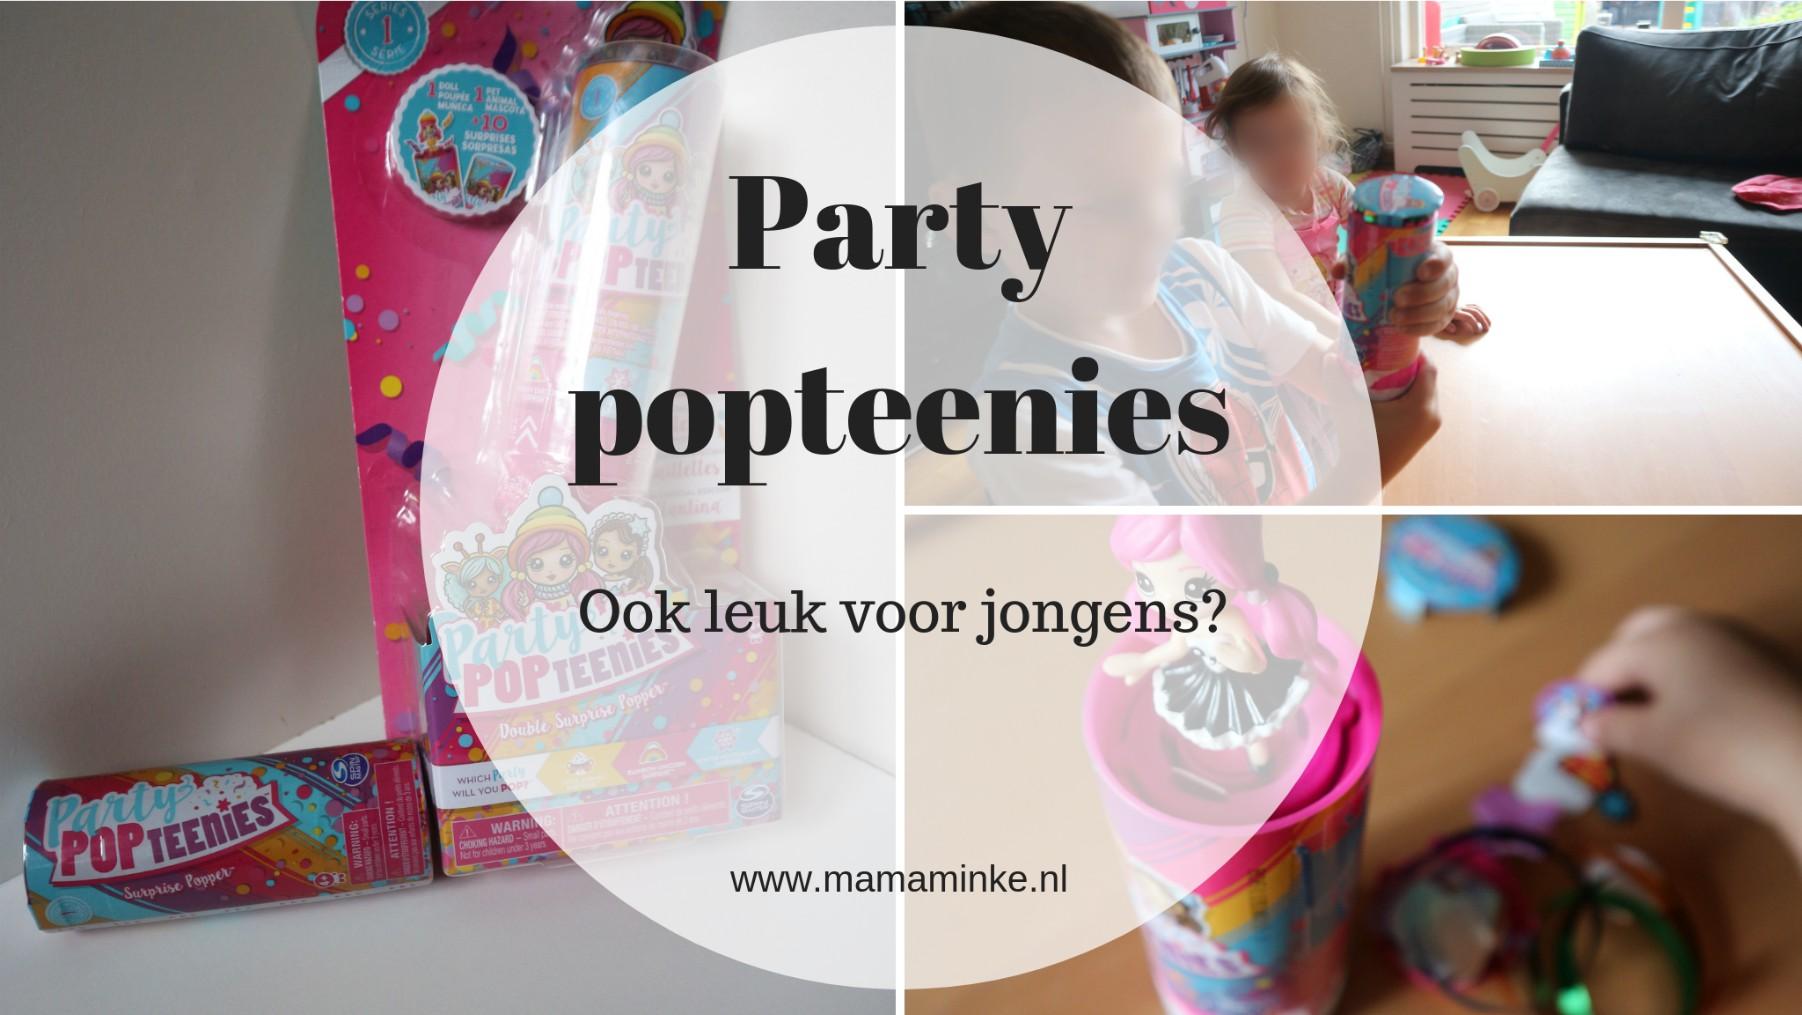 Gender neutraal opvoeden – party popteenies voor jongens!